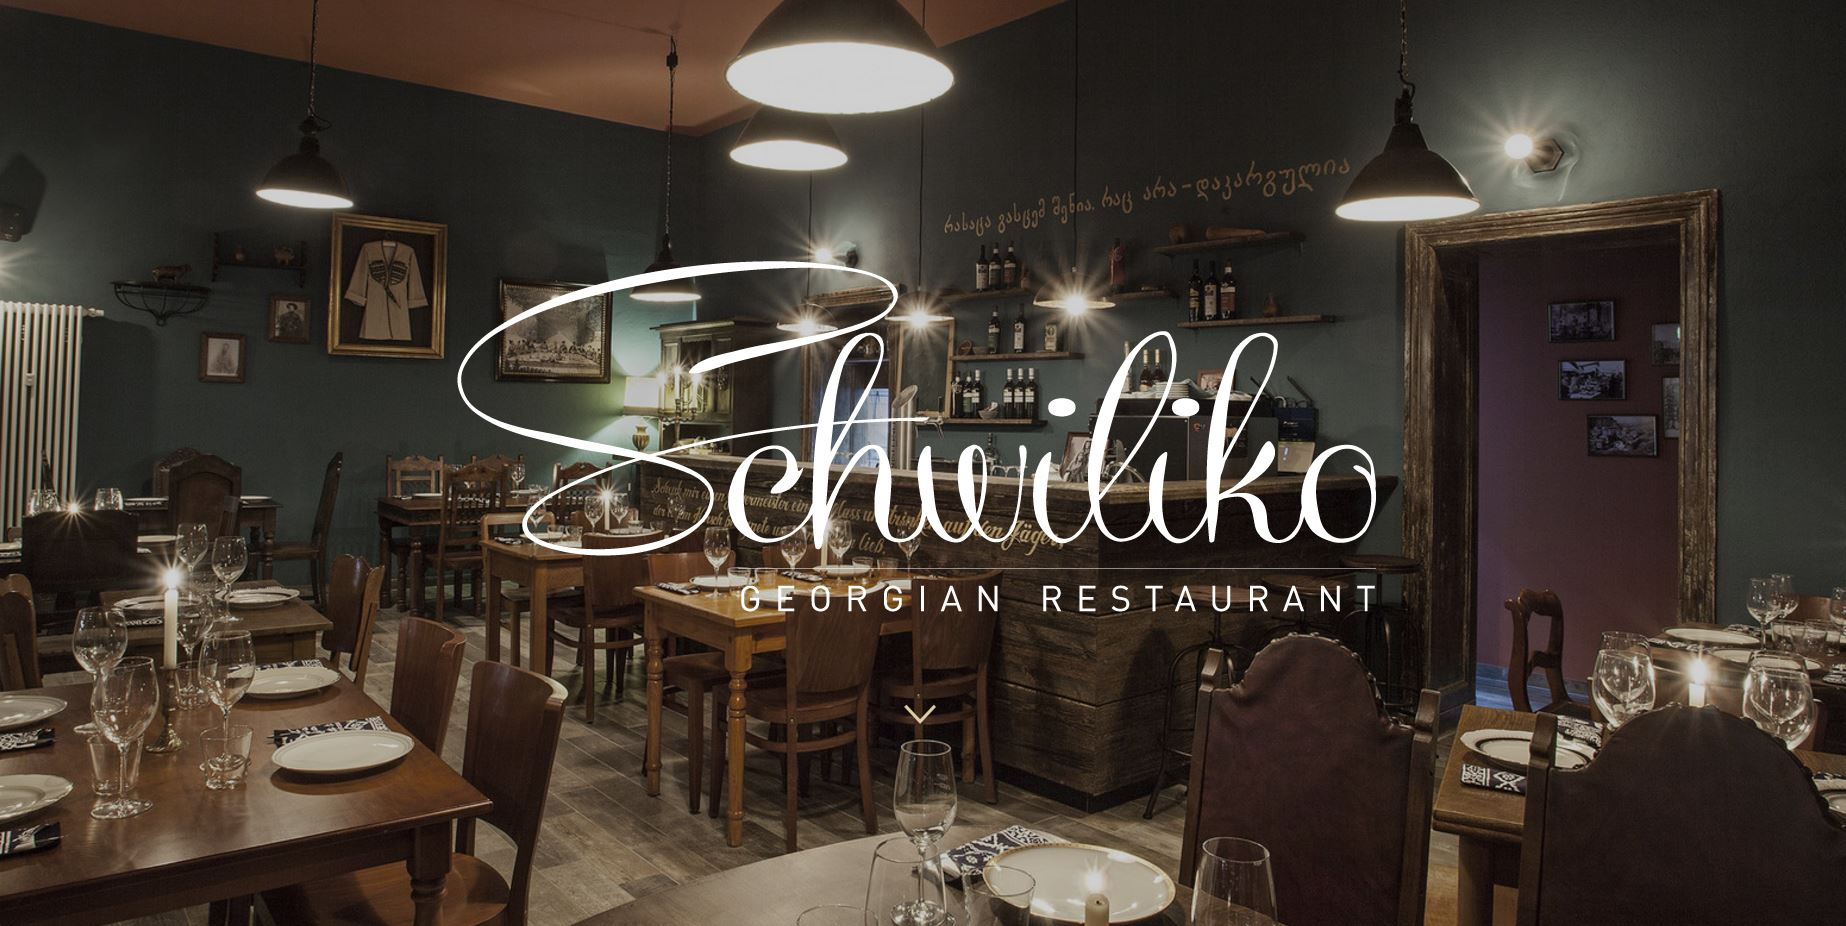 finanzkaufleute weser-leine sven rössing e.k. - referenzen - Georgische Küche Berlin